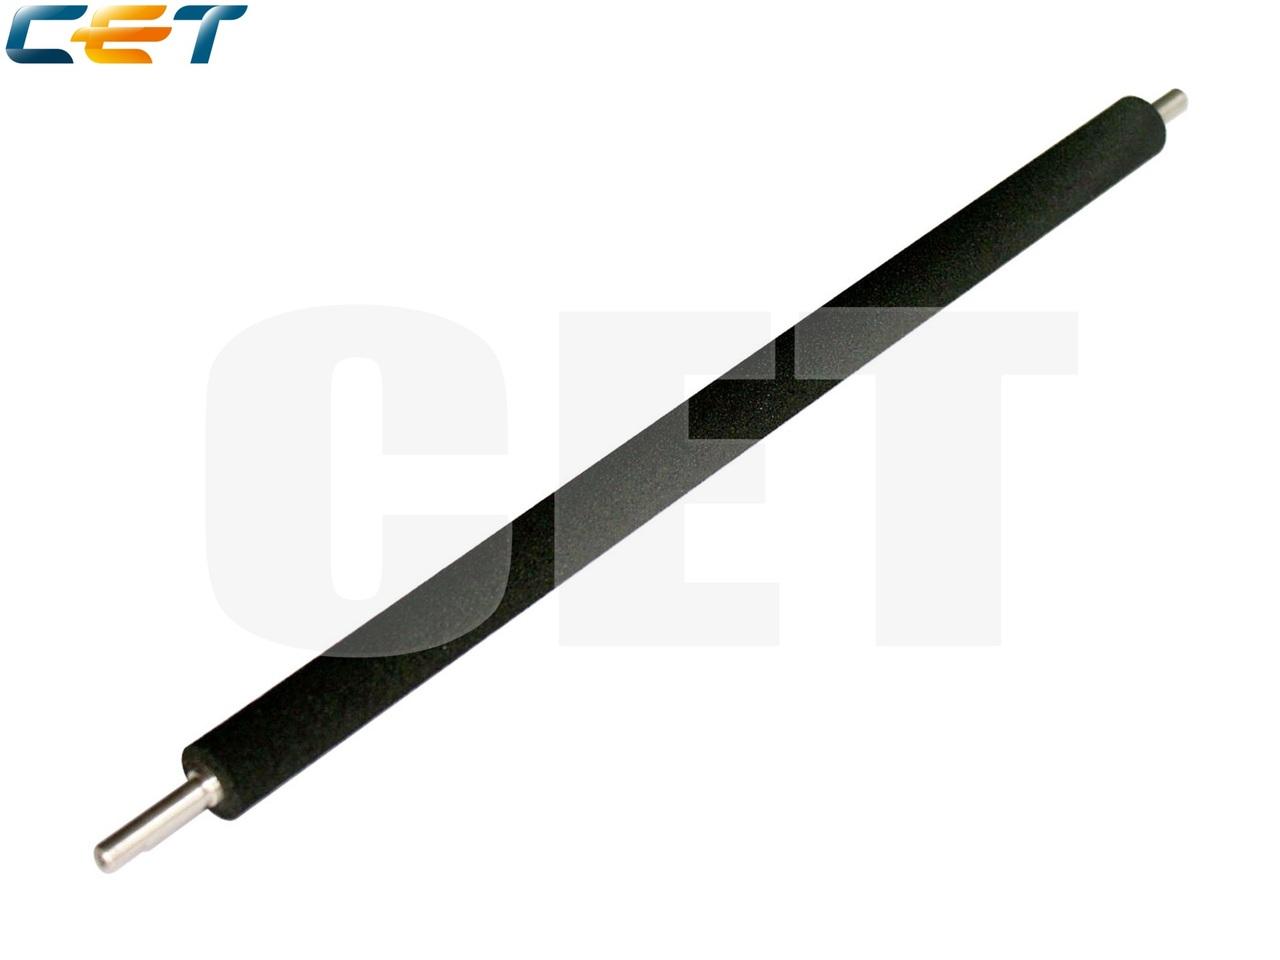 Ролик переноса A267-3831 для RICOH Aficio 1022/1027 (CET),CET6409